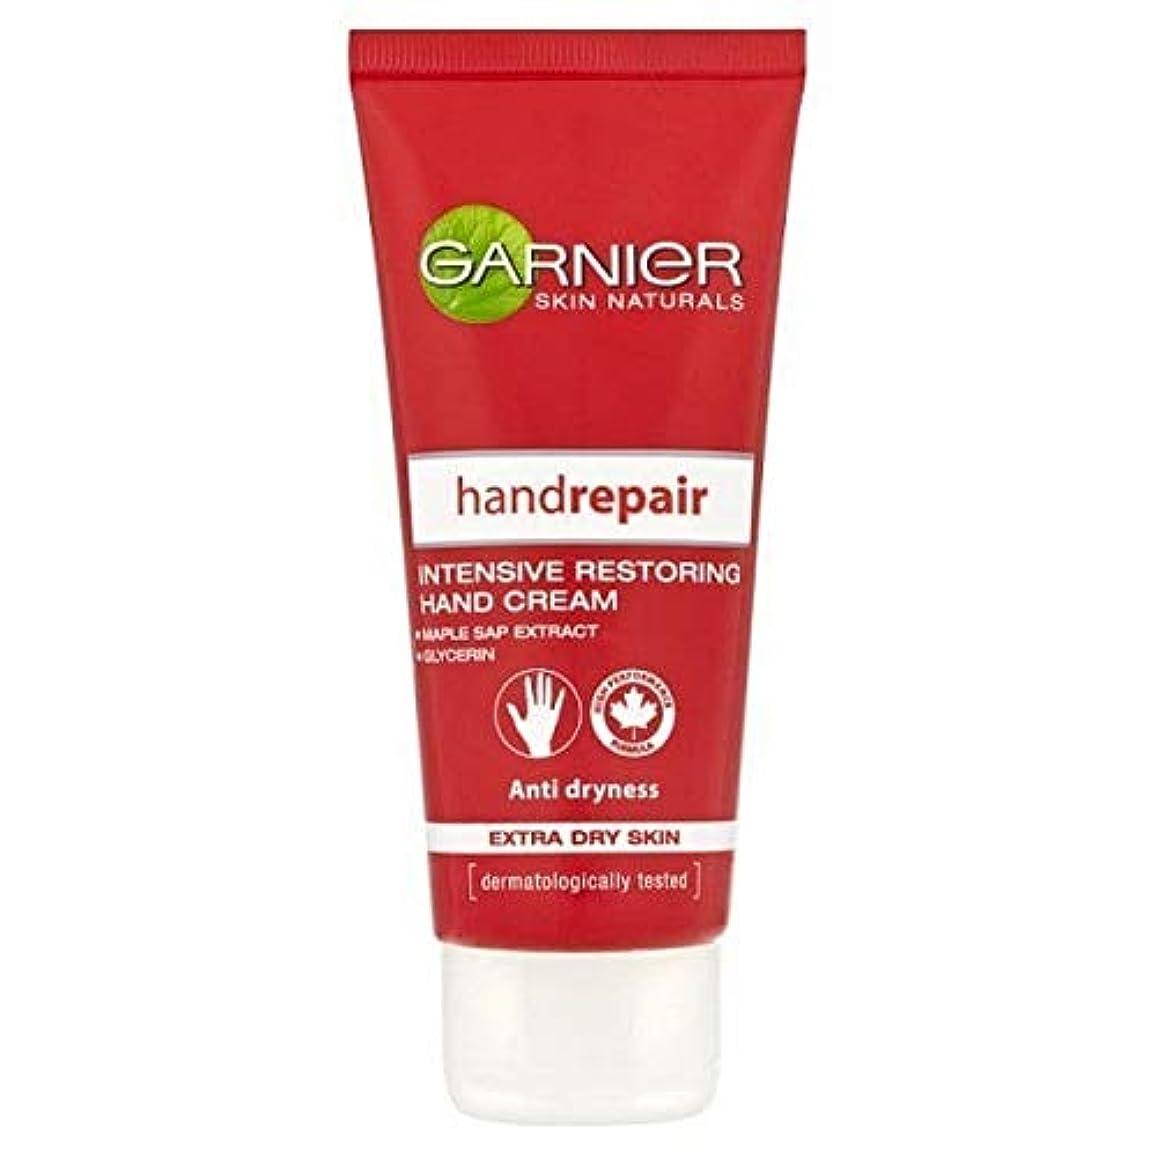 アパートインフルエンザスロベニア[Garnier ] ガルニエボディリペアハンドクリーム乾燥肌用100ミリリットル - Garnier Body Repair Hand Cream Dry Skin 100ml [並行輸入品]